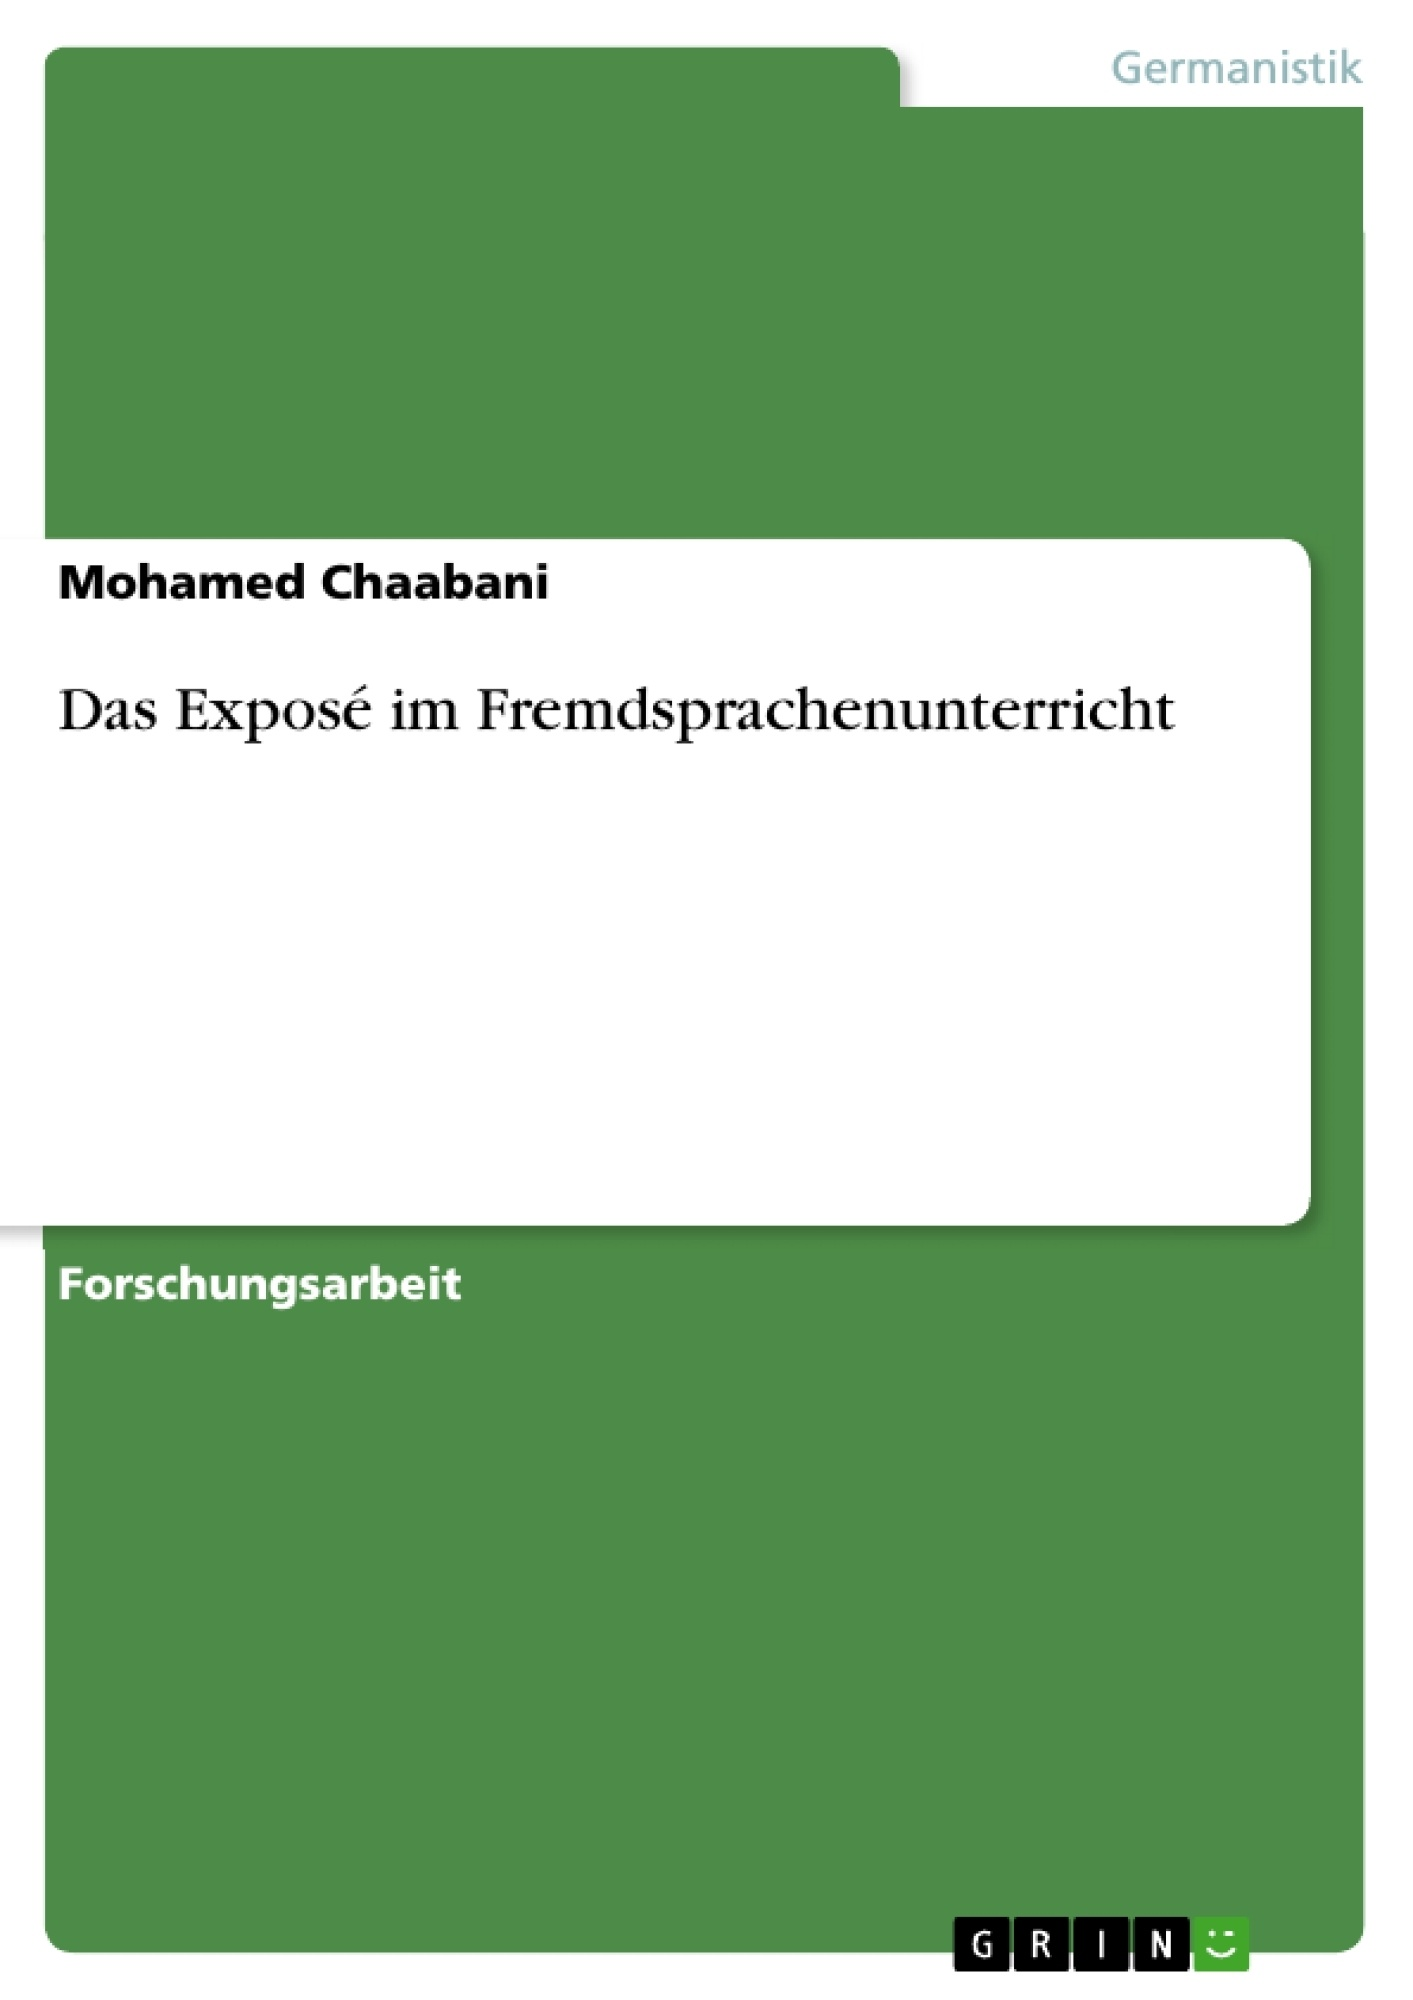 Titel: Das Exposé im Fremdsprachenunterricht